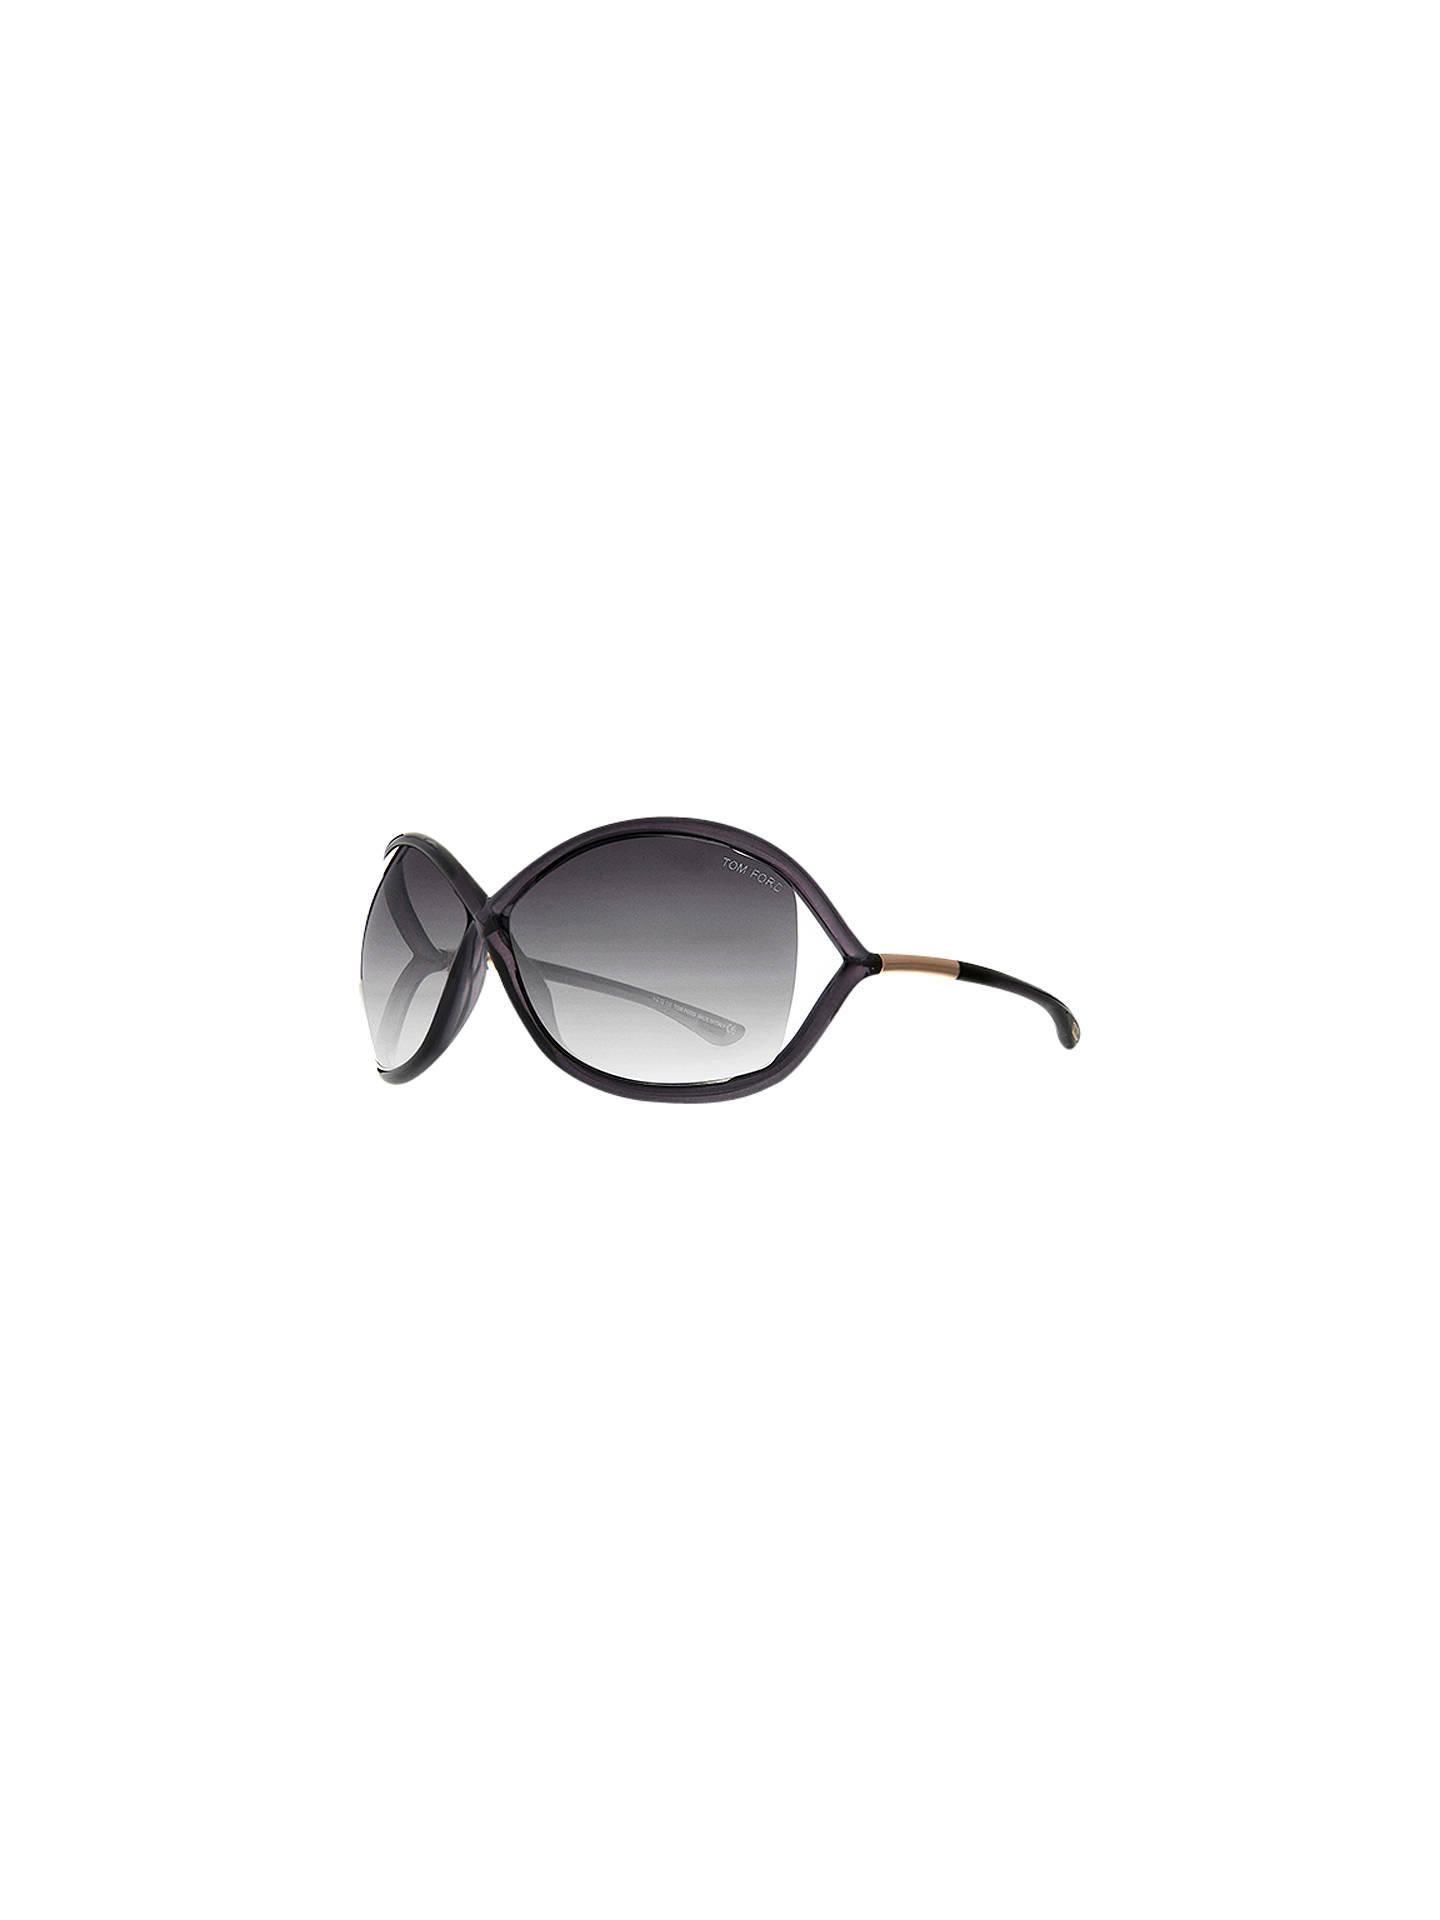 8b7d7795c1de0 Buy TOM FORD FT0009 Whitney Butterfly Sunglasses